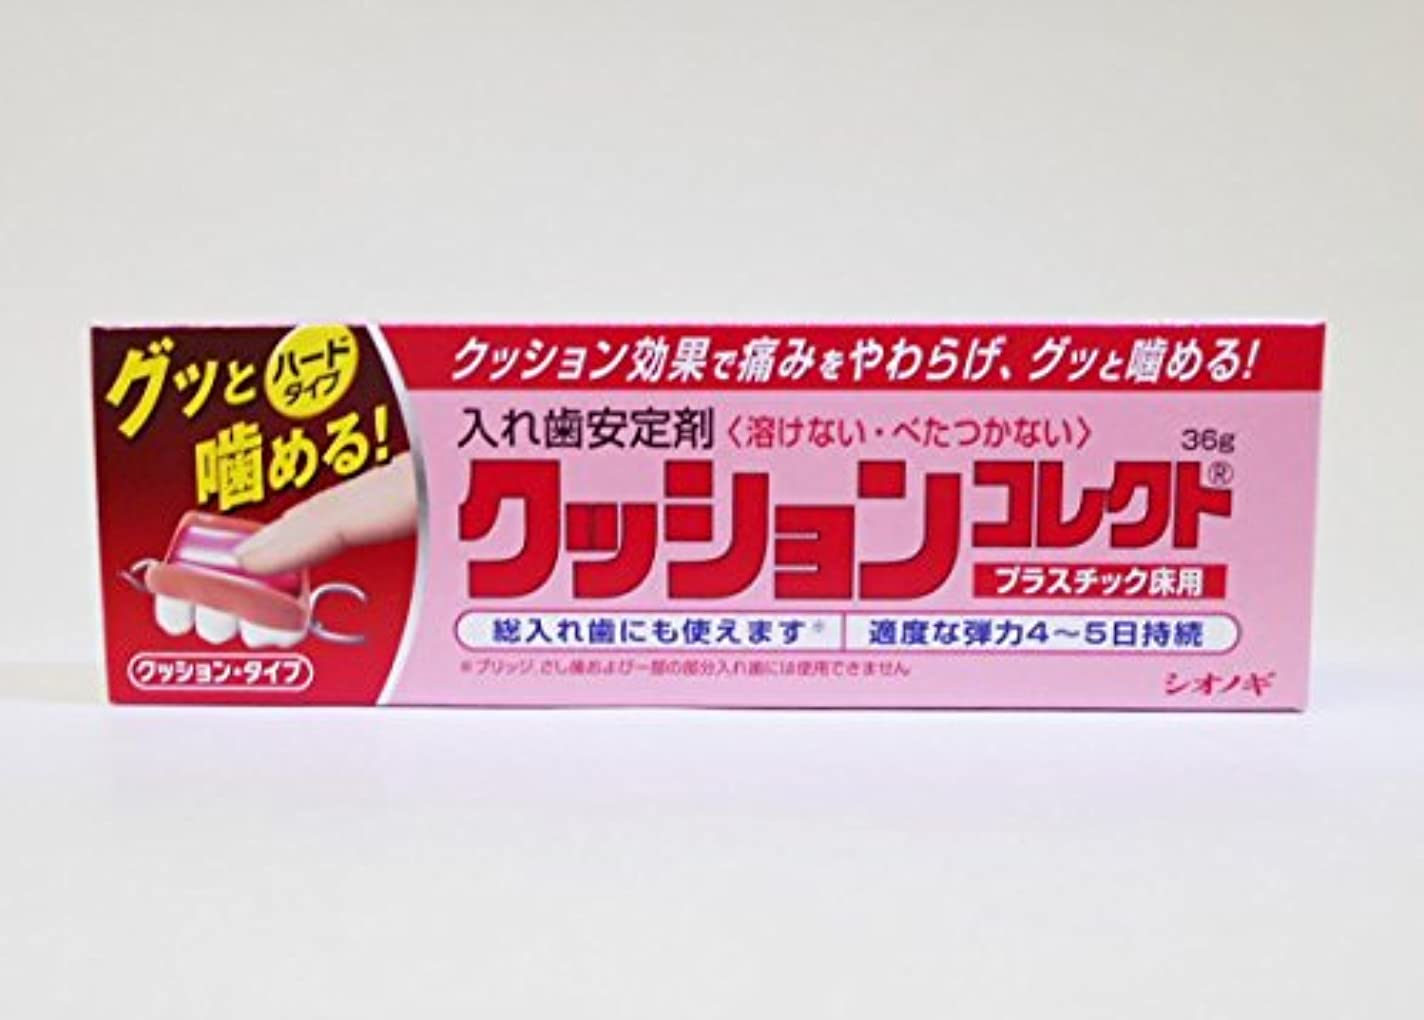 津波ソファーラッチ【シオノギ製薬】クッションコレクト 36g ×5個セット